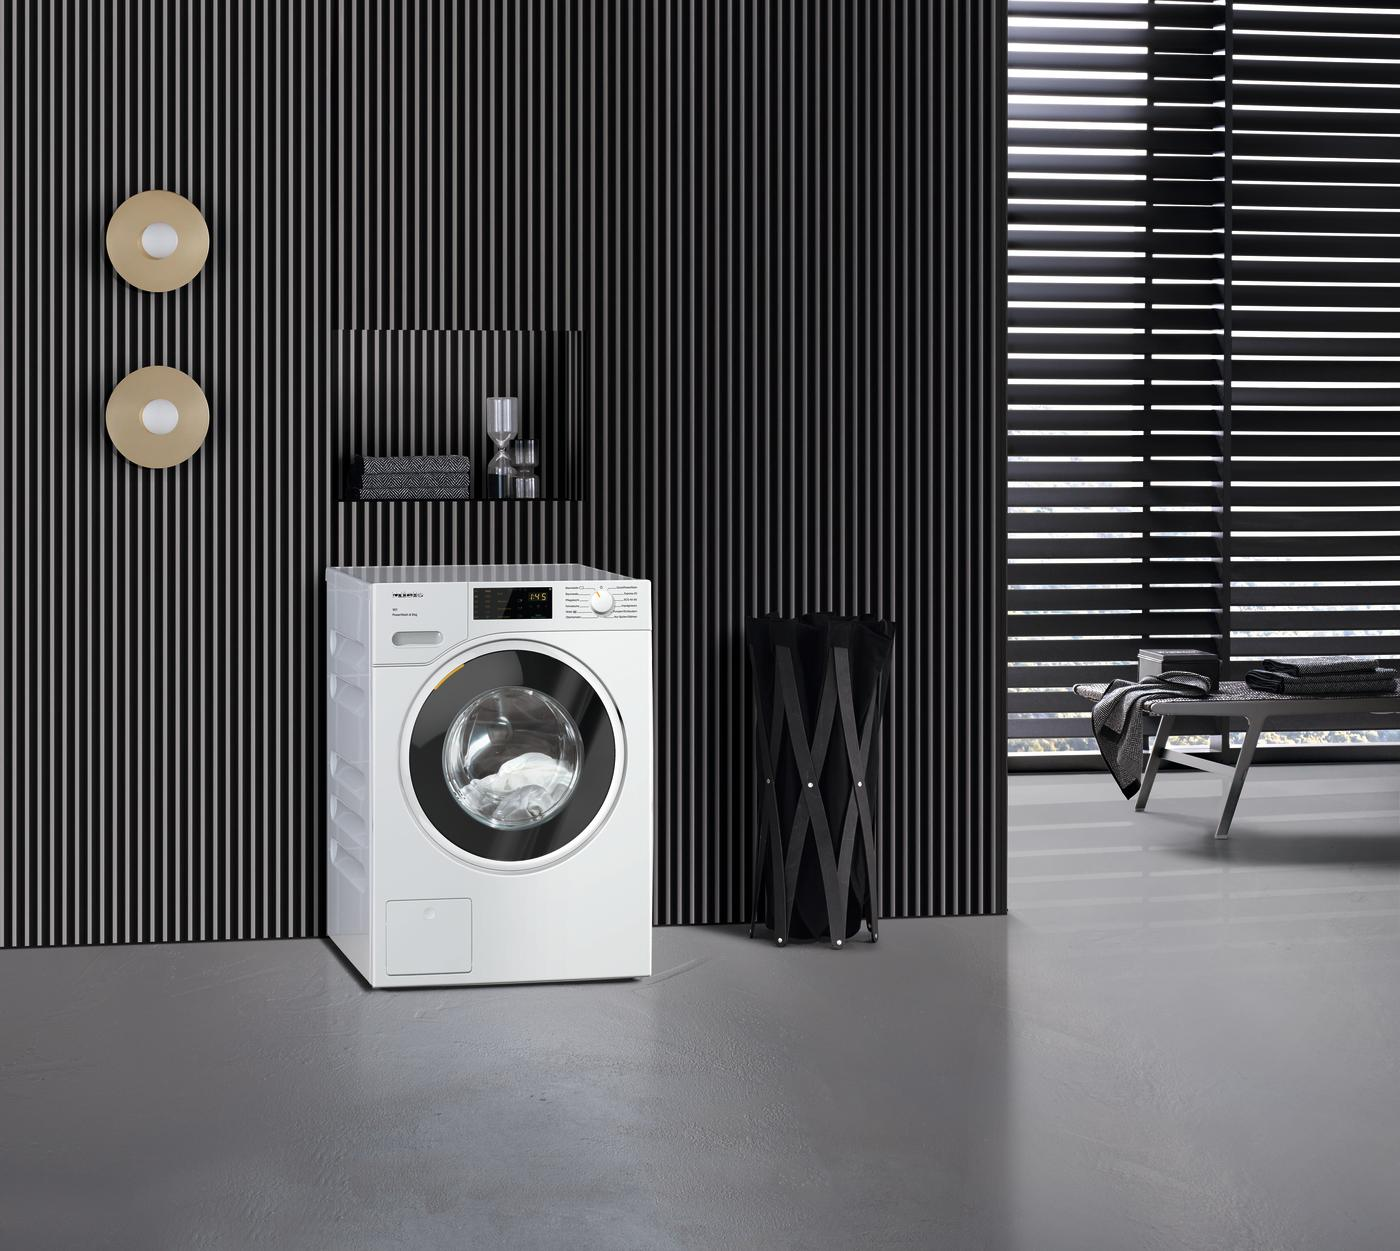 Weichspülerfach wasser miele waschmaschine im Weichspülerfach reinigen